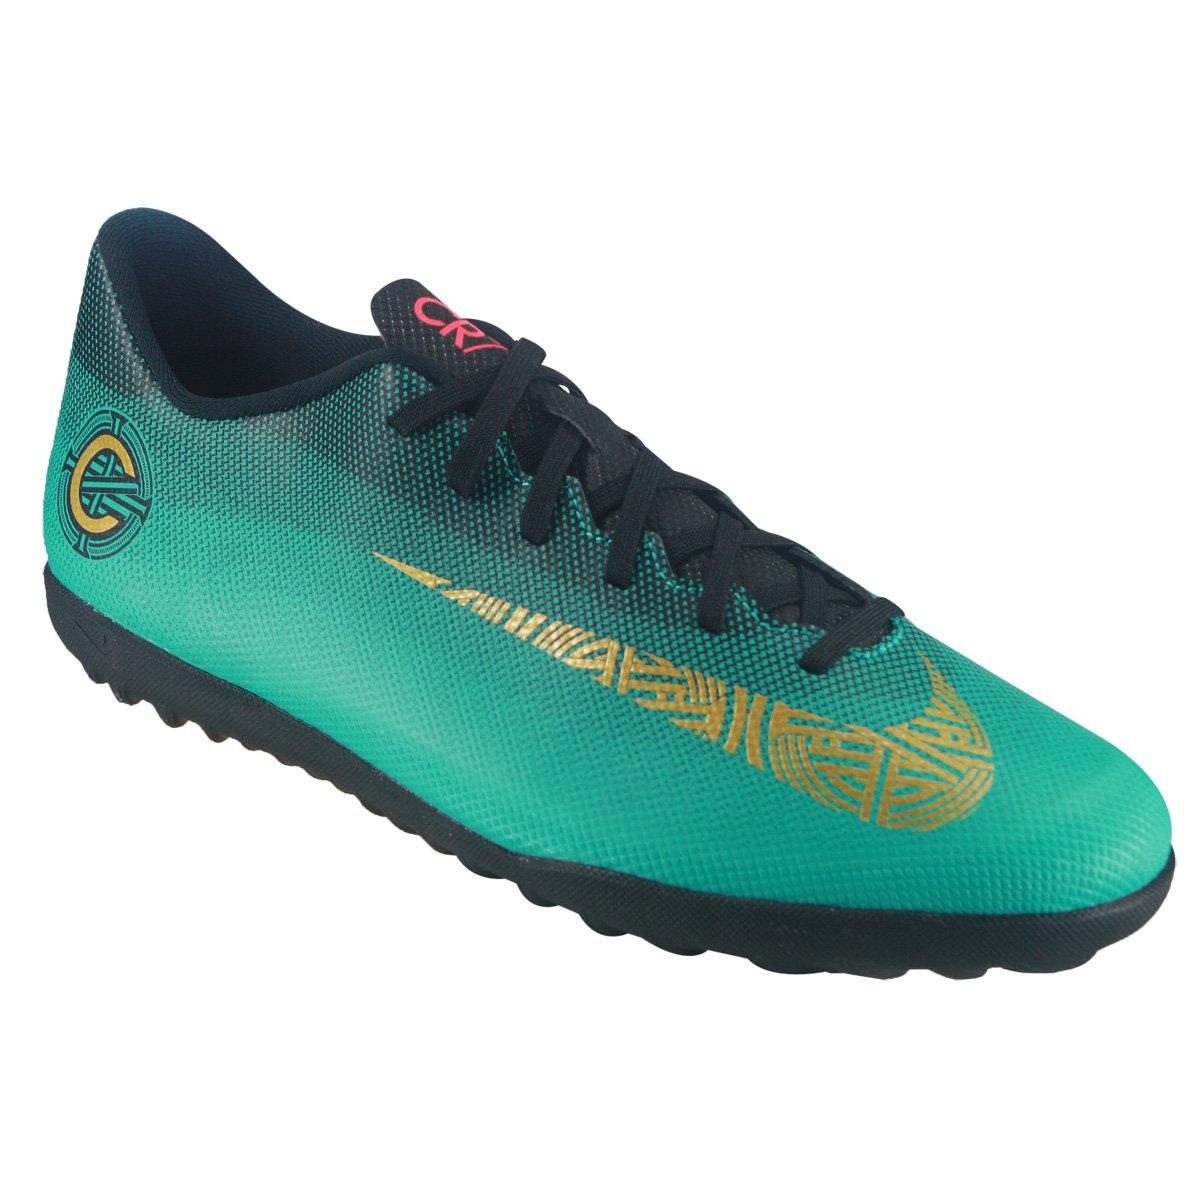 Chuteira Society Nike Vapor 12 Club CR7 AJ3738-390 - Verde Preto ... ddda65122aaaf